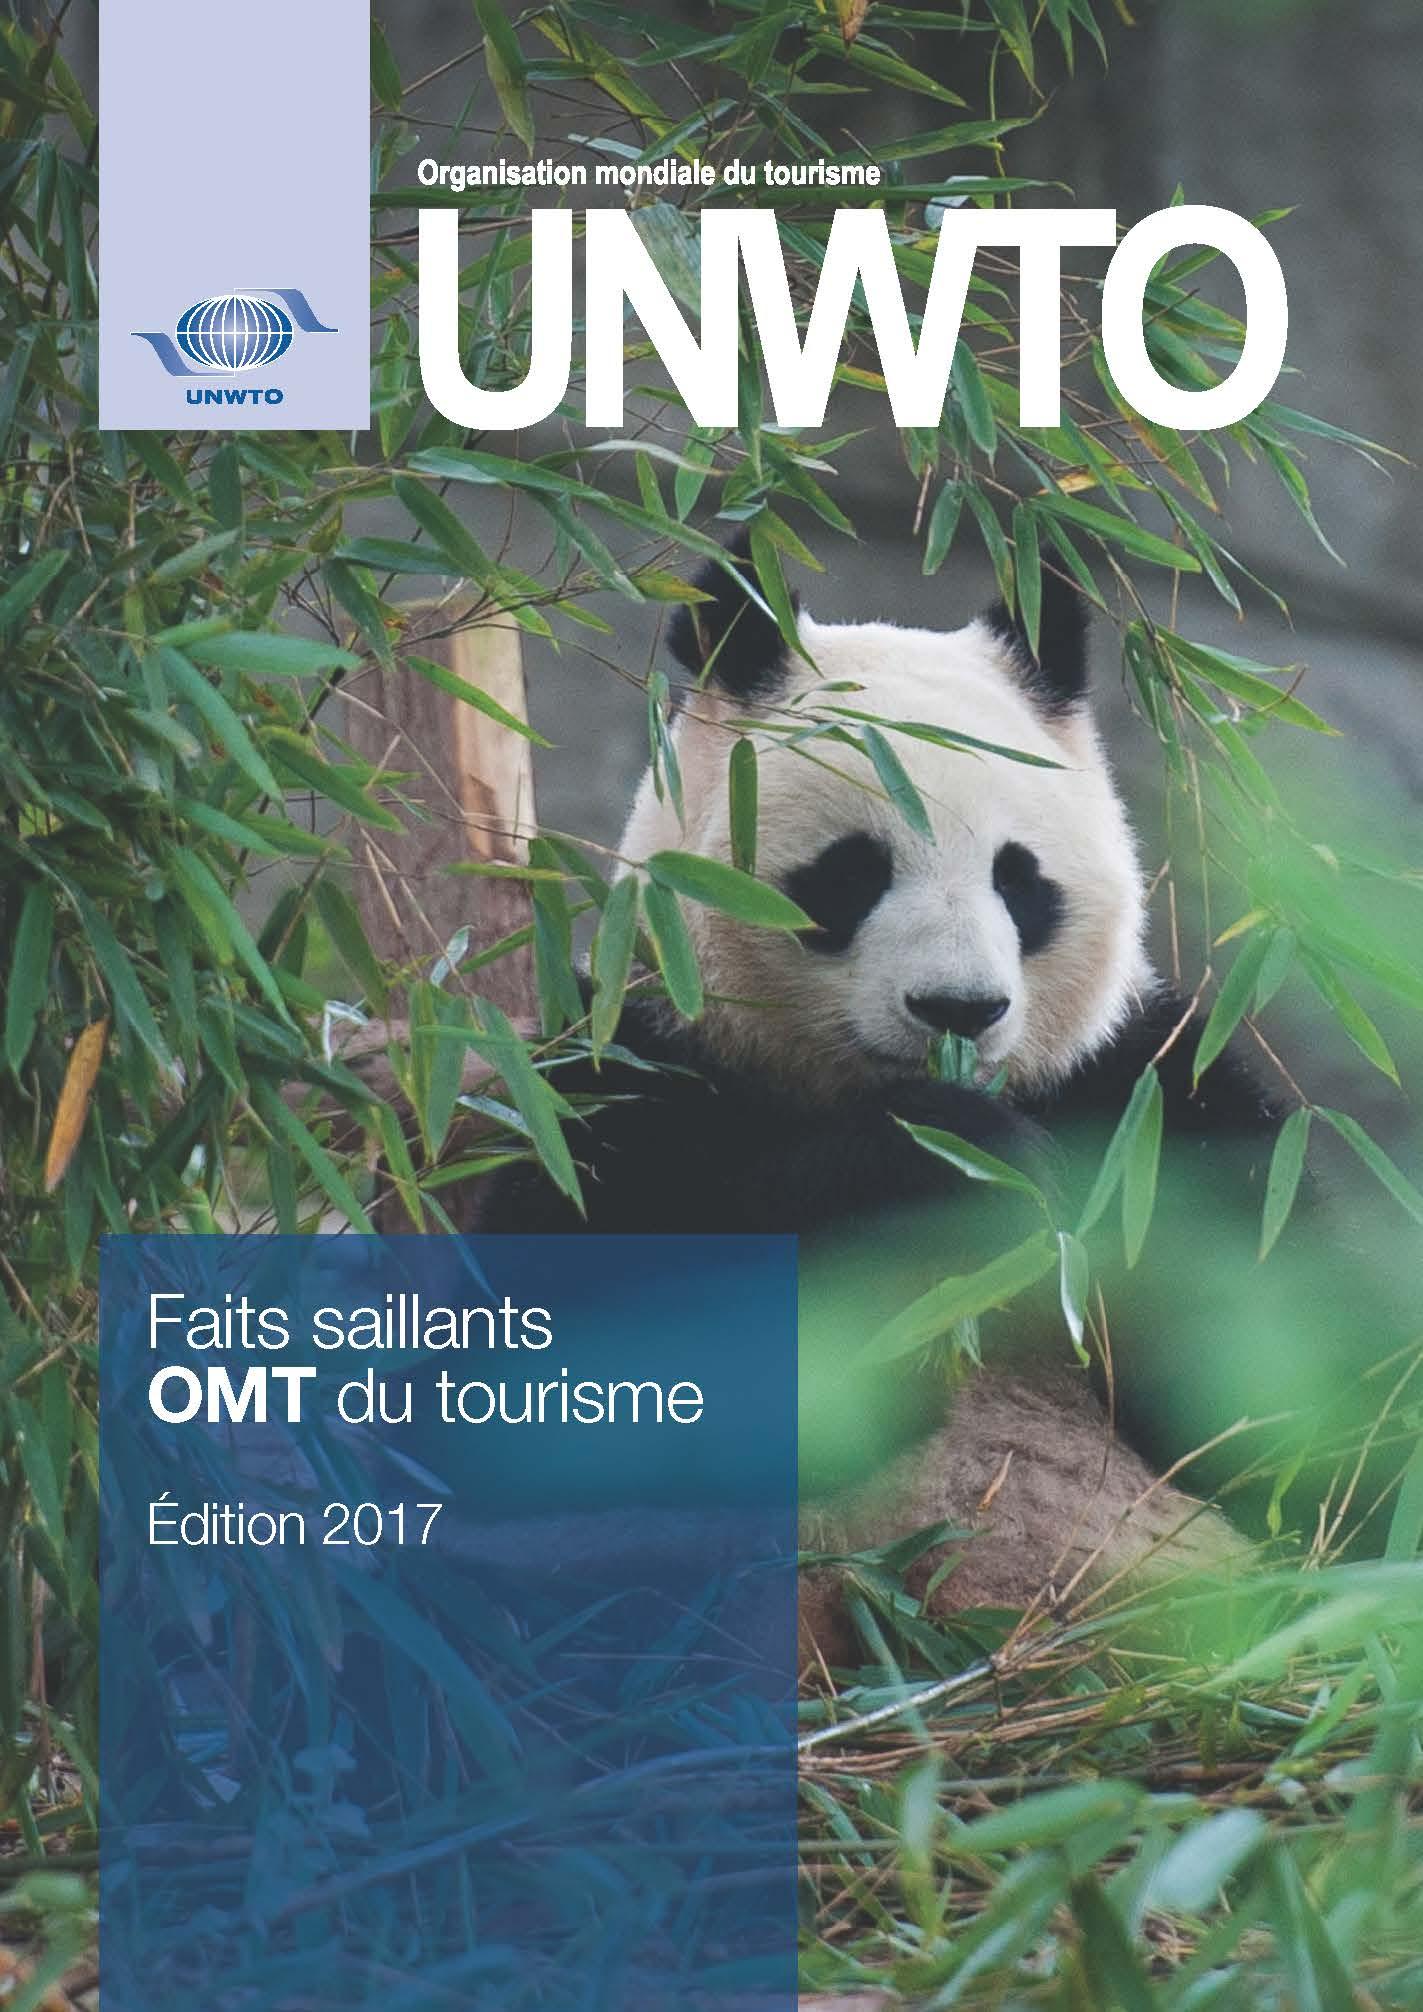 Faits Saillants OMT du tourisme, édition 2017